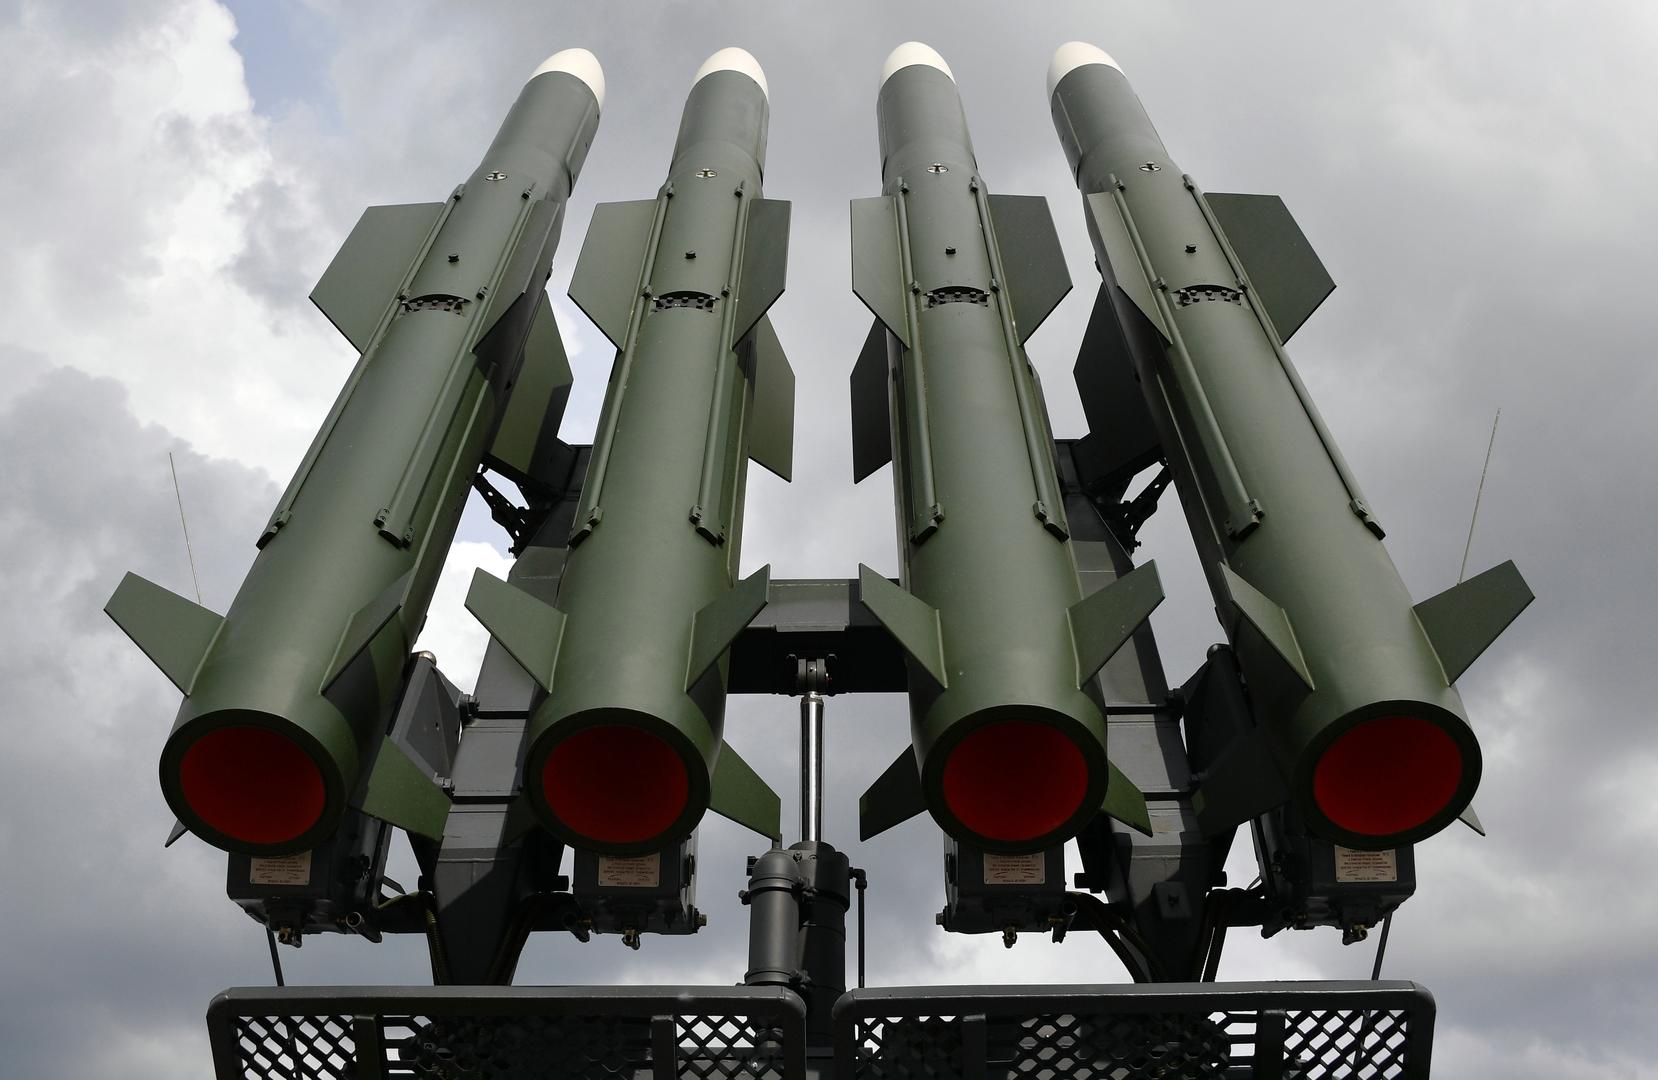 لأول مرة.. روسيا ومصر تنفذان رمايات مشتركة من منظومات الدفاع الجوي بضواحي القاهرة